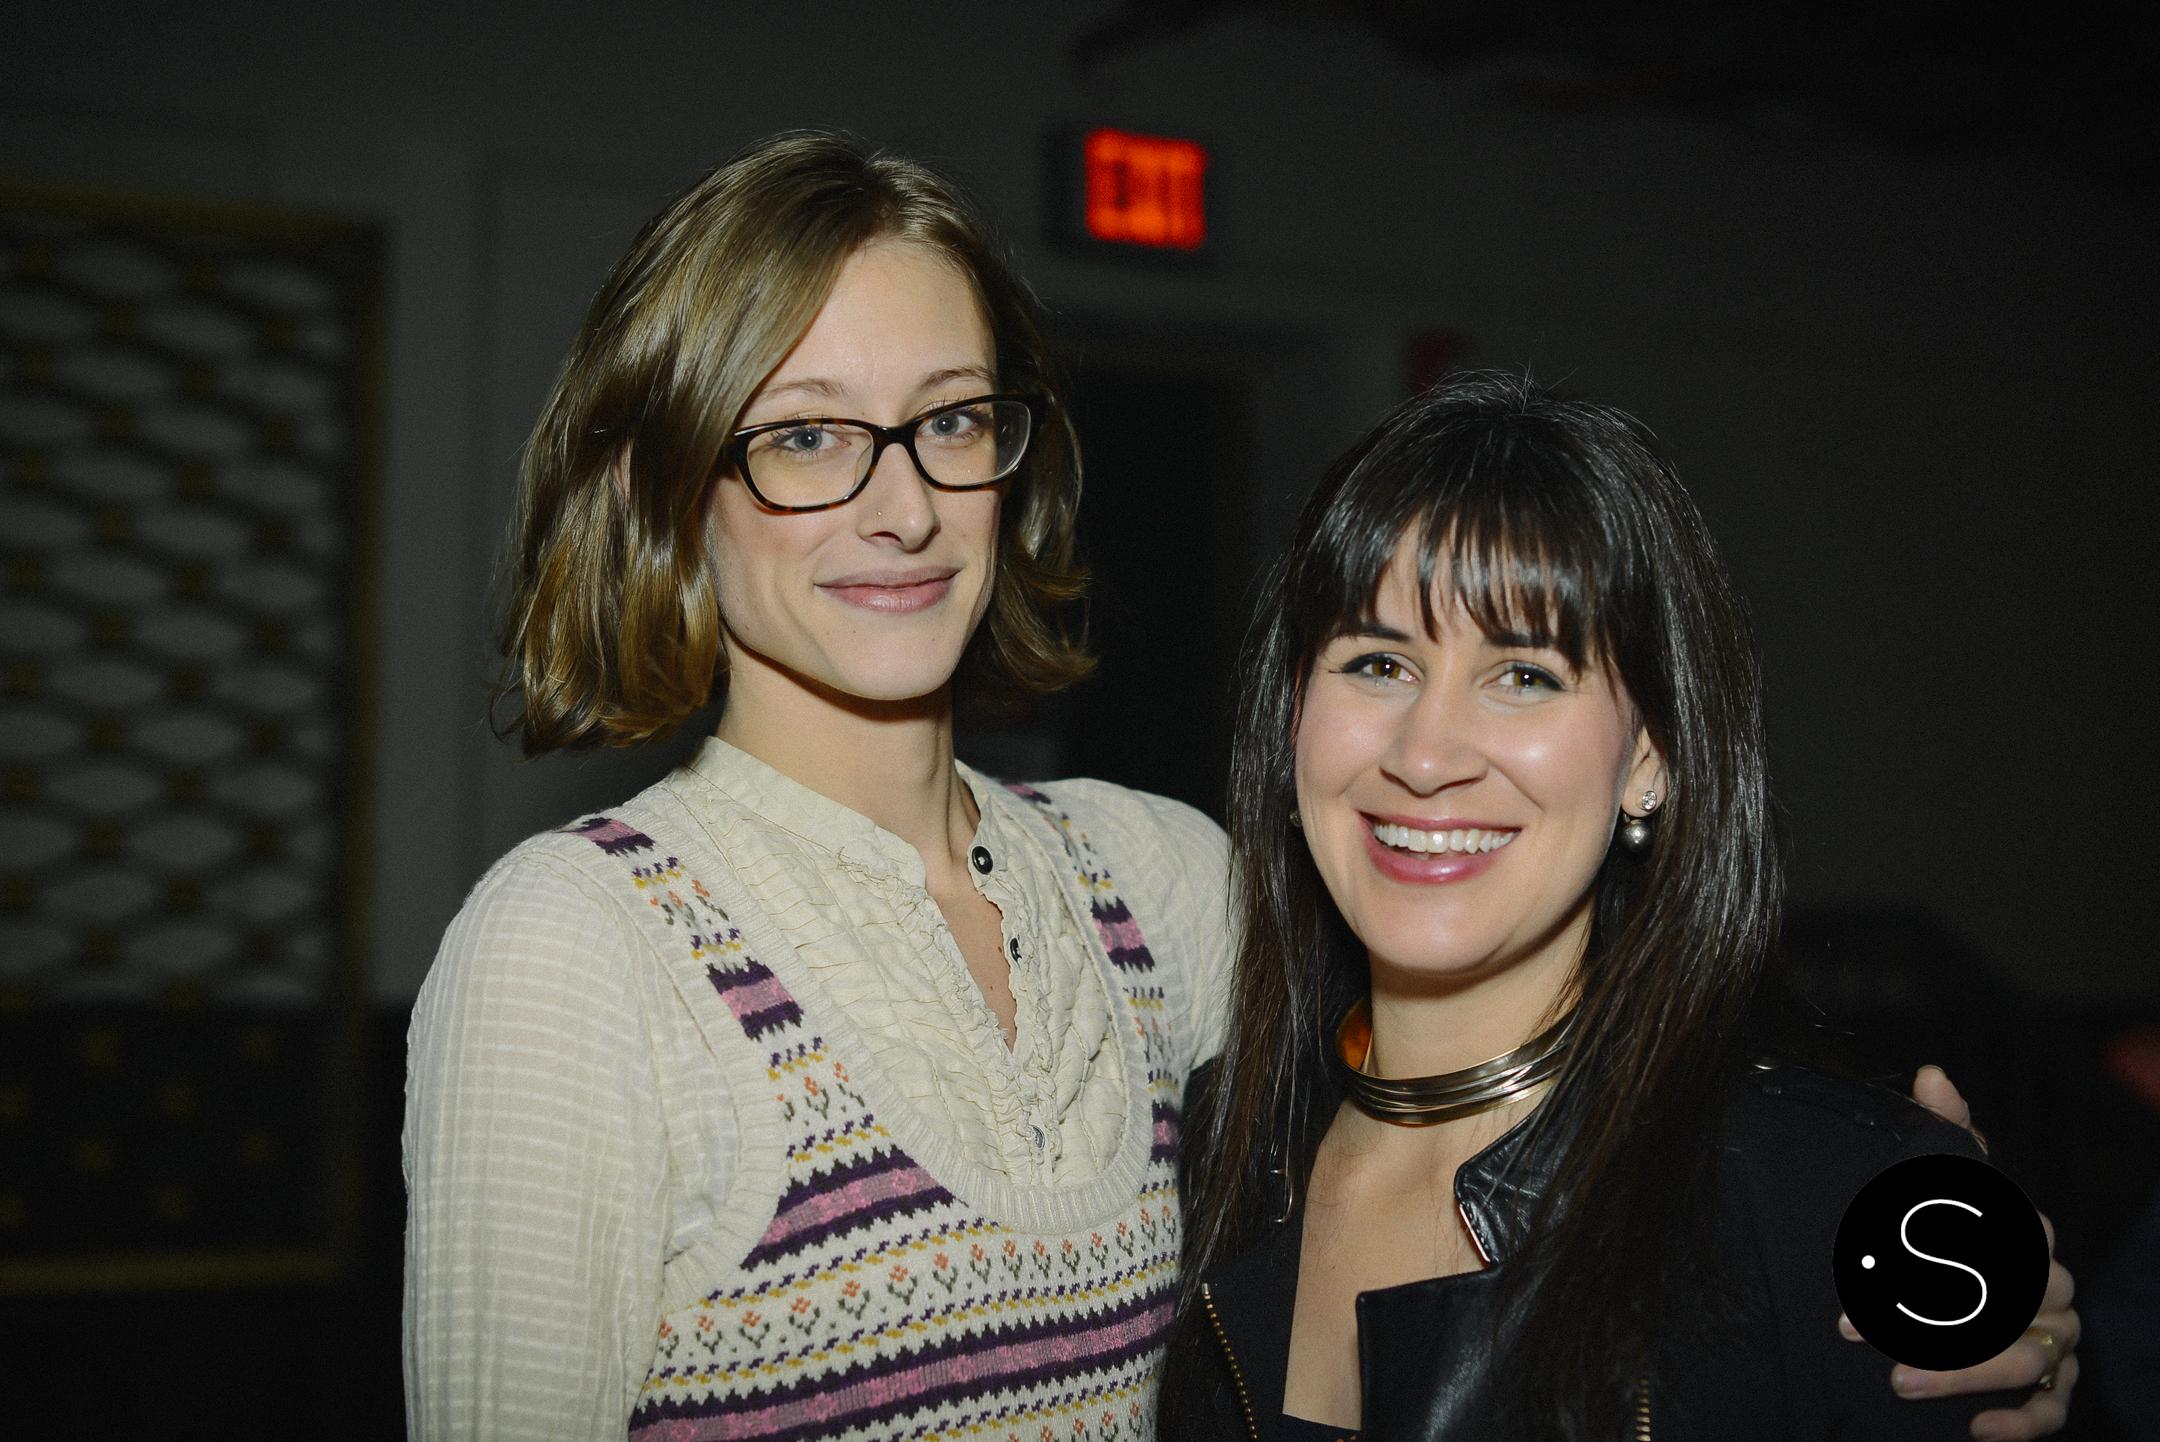 Ashley Owens and Mclaine Richardson